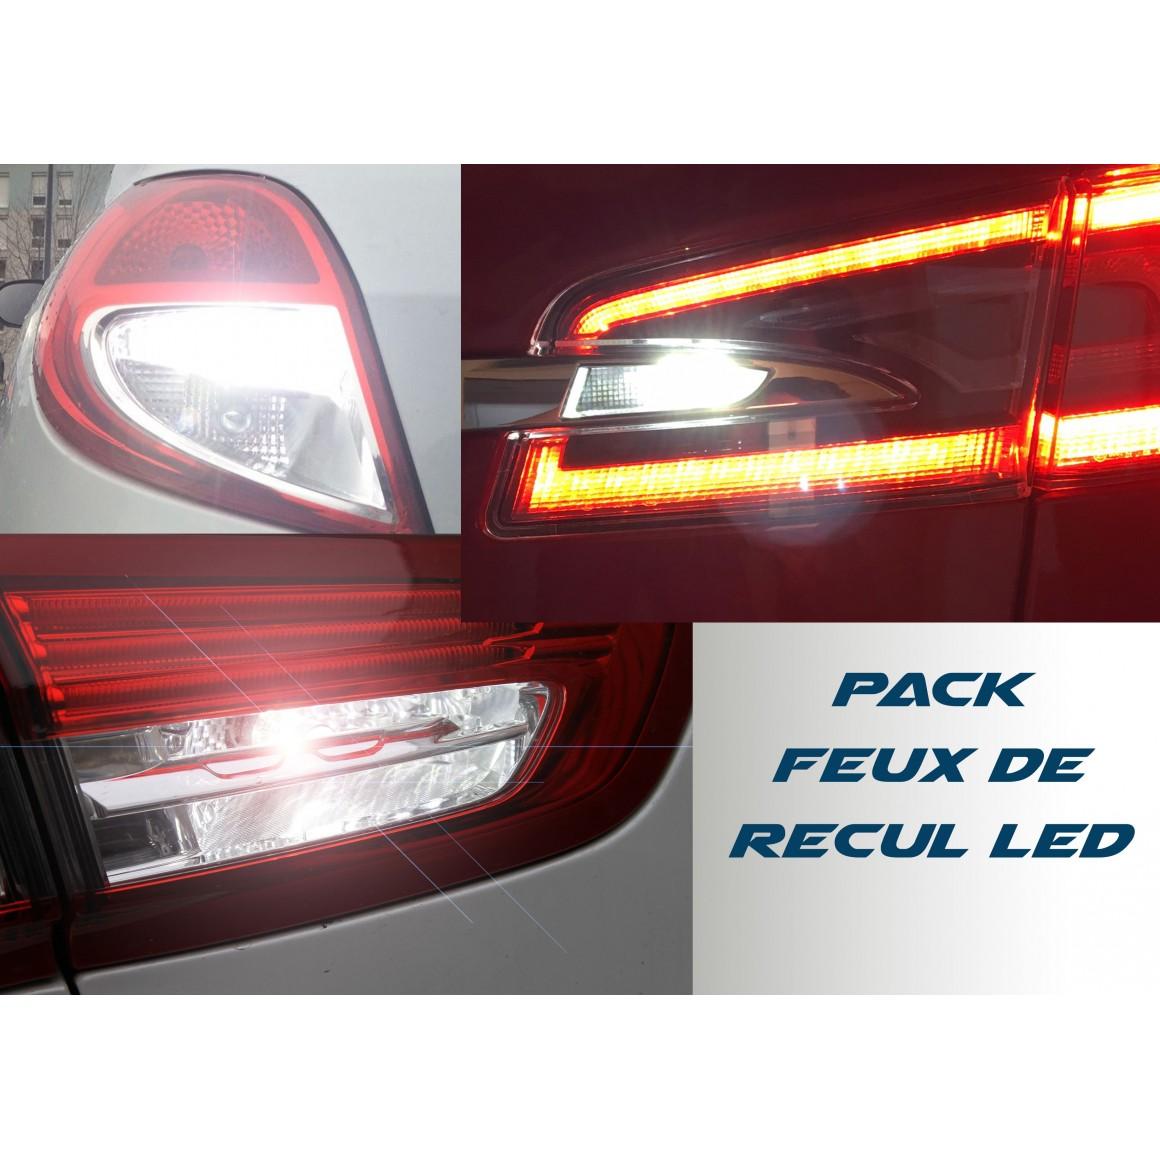 Pack Feux de recul LED pour SEAT Toledo III